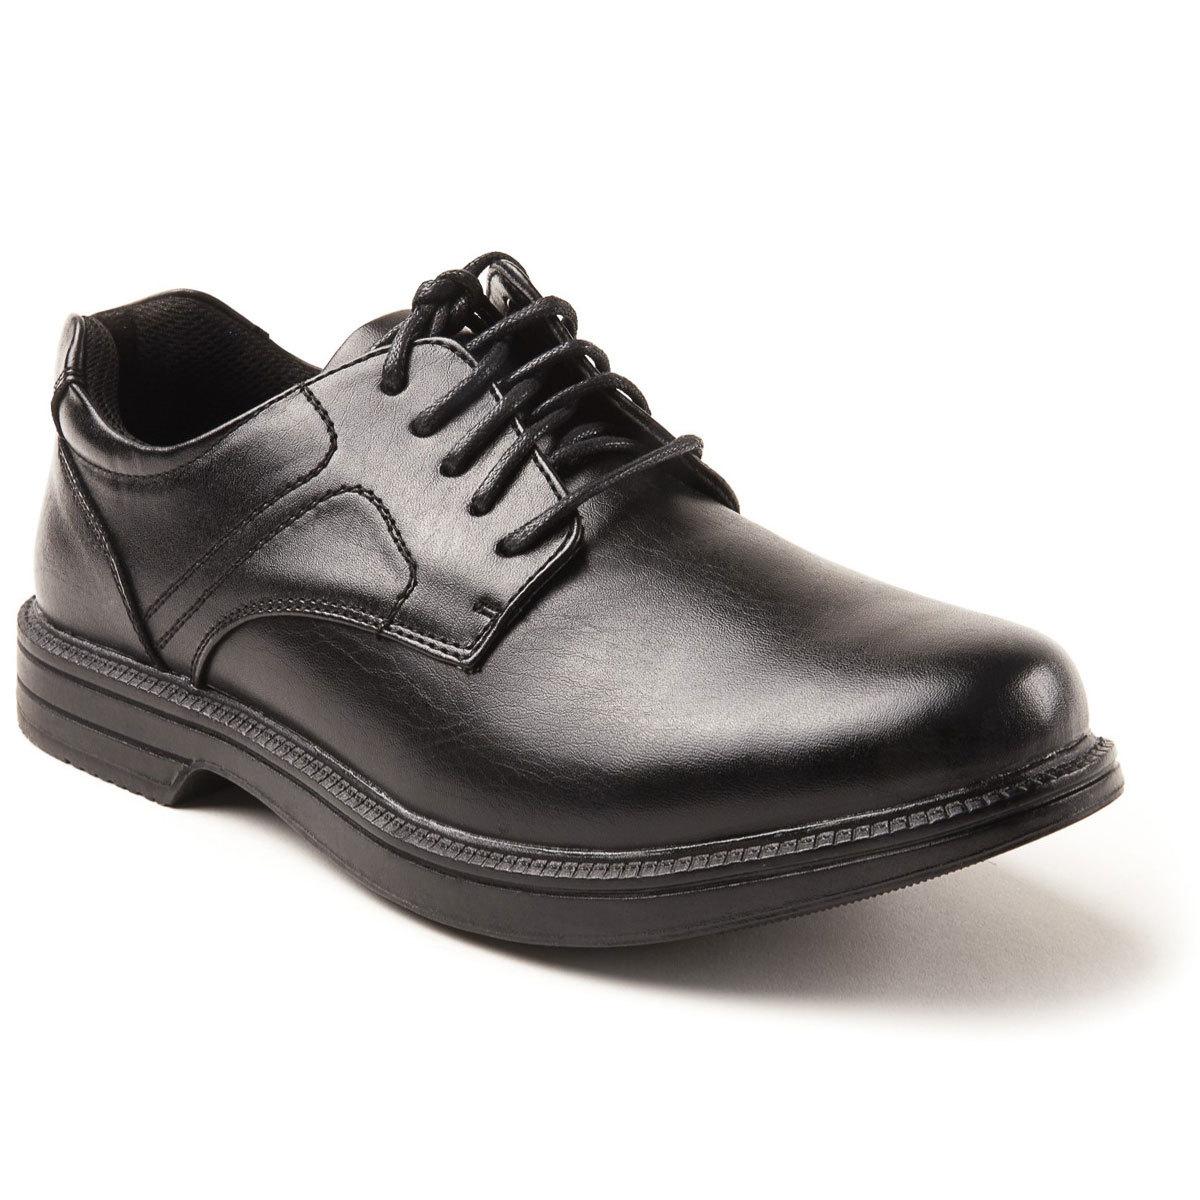 Deer Stags Men's Nu Times Waterproof Service Shoes - Black, 7W